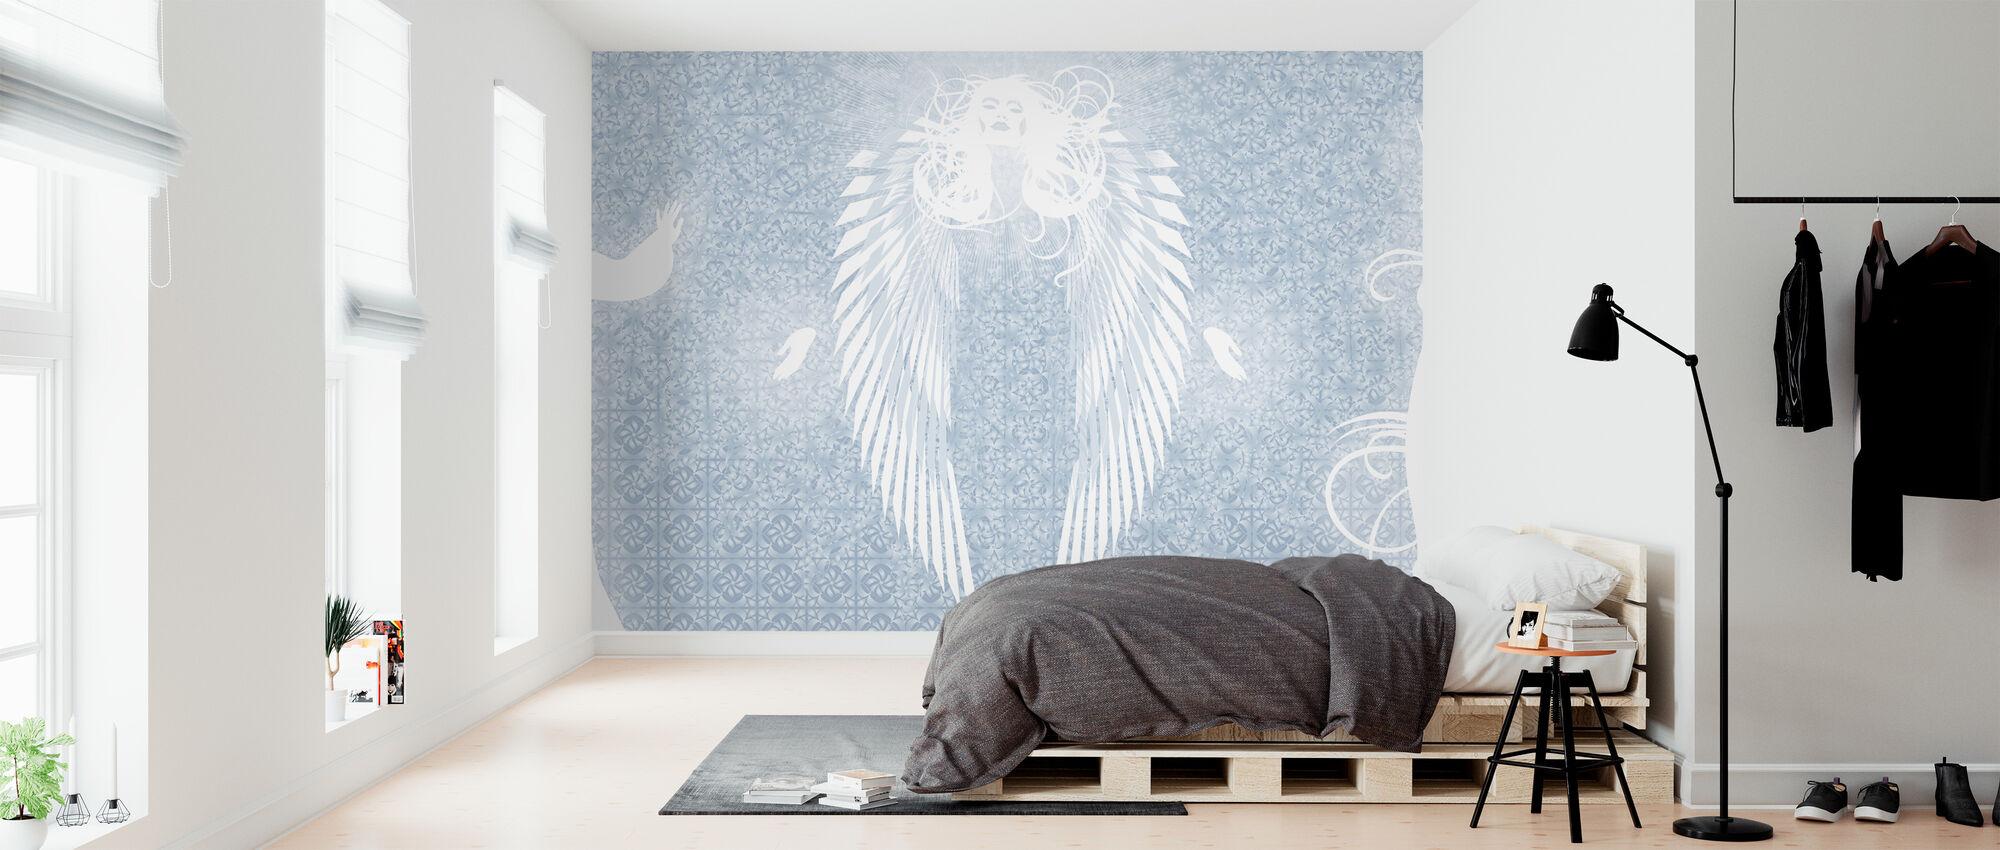 Birgit Amadori - Metatron - Wallpaper - Bedroom